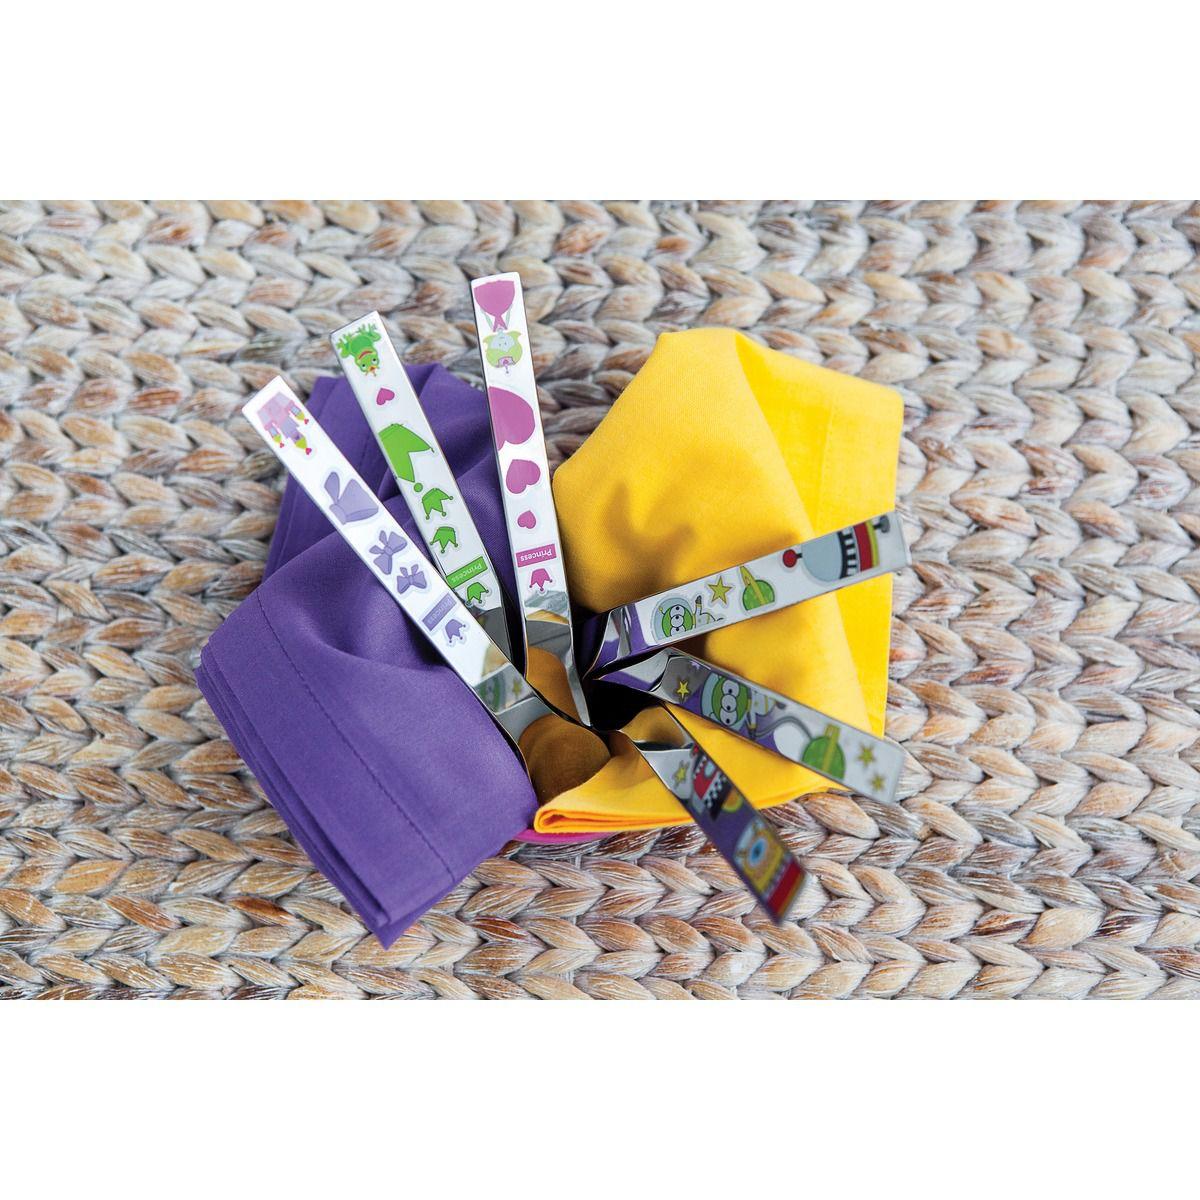 Jogo de Talheres Infantil Tramontina em Aço Inox Princesa Acabamento Brilho com Desenhos Coloridos 3 Peças 66974/005 | Lojas Estrela